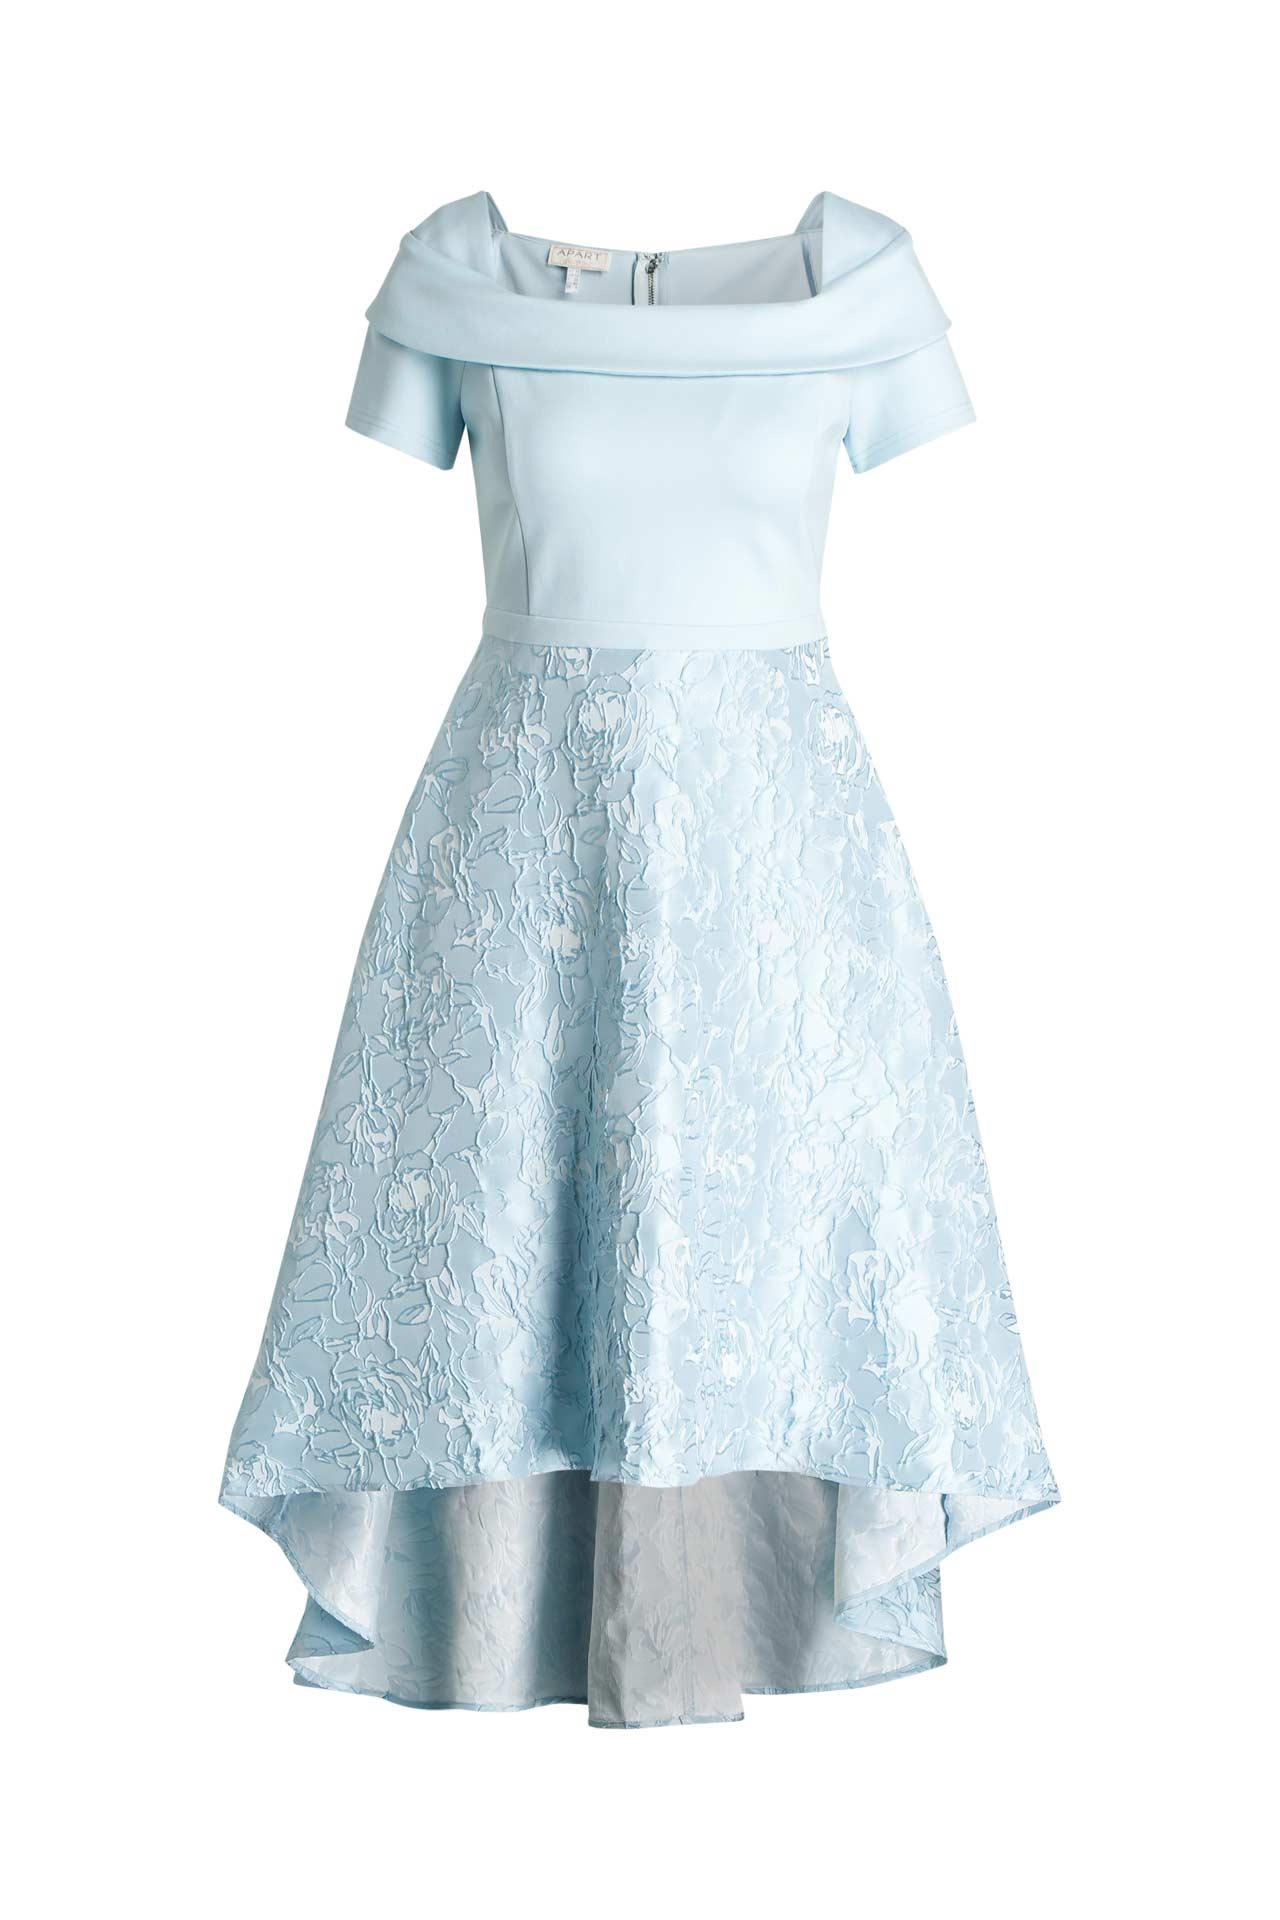 kleid hellblau - apart » günstig online kaufen